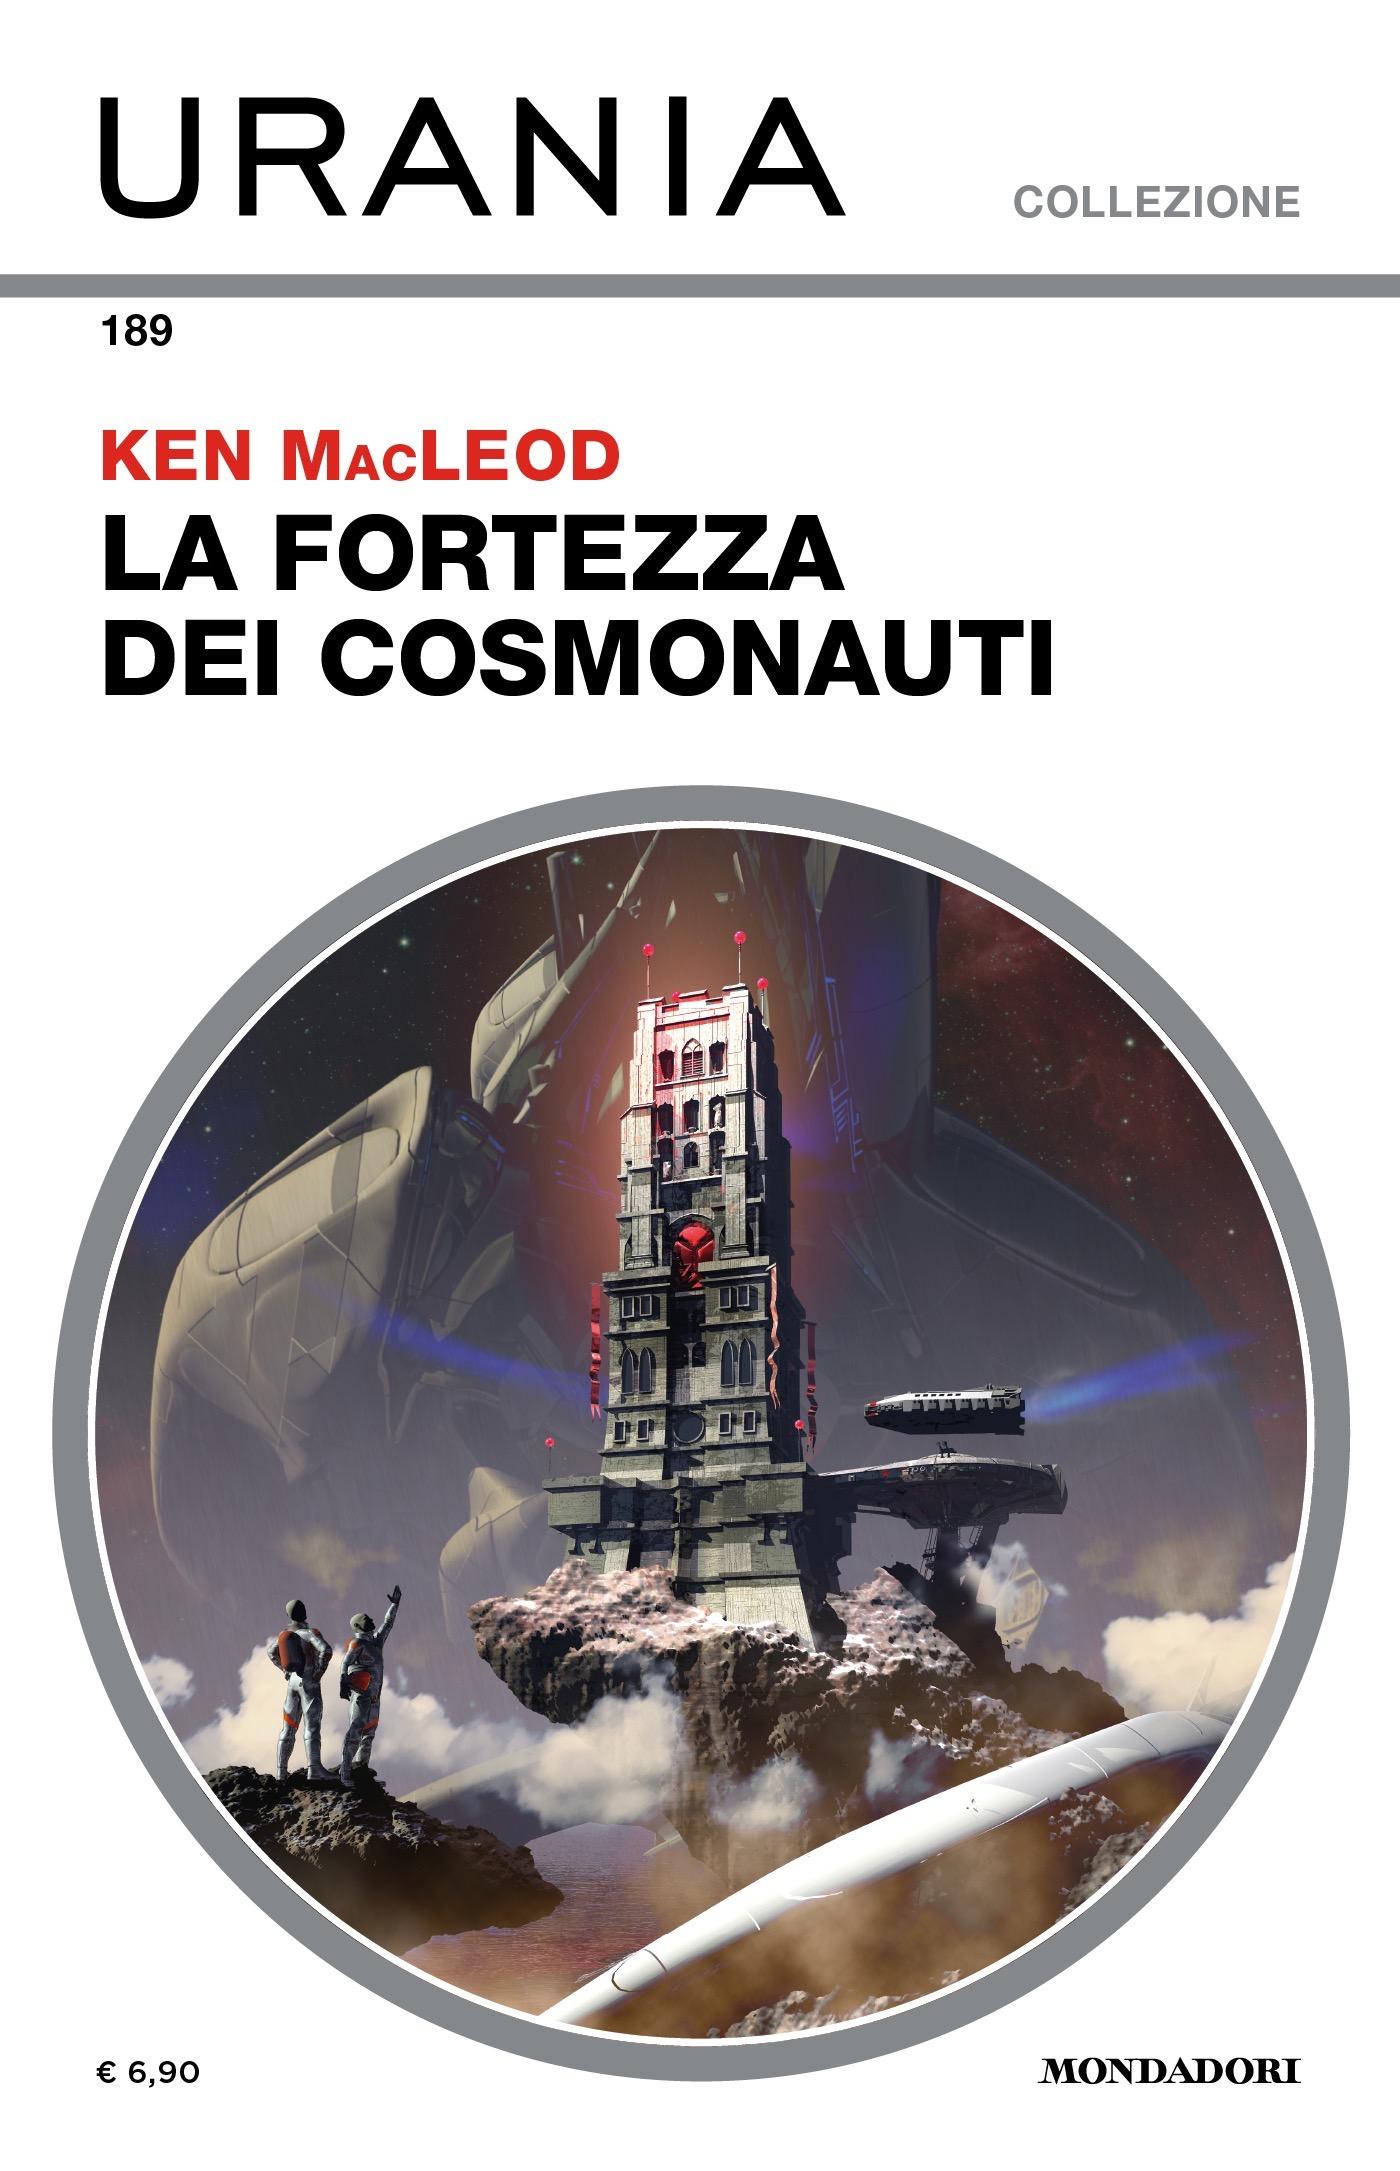 La fortezza dei Cosmonauti